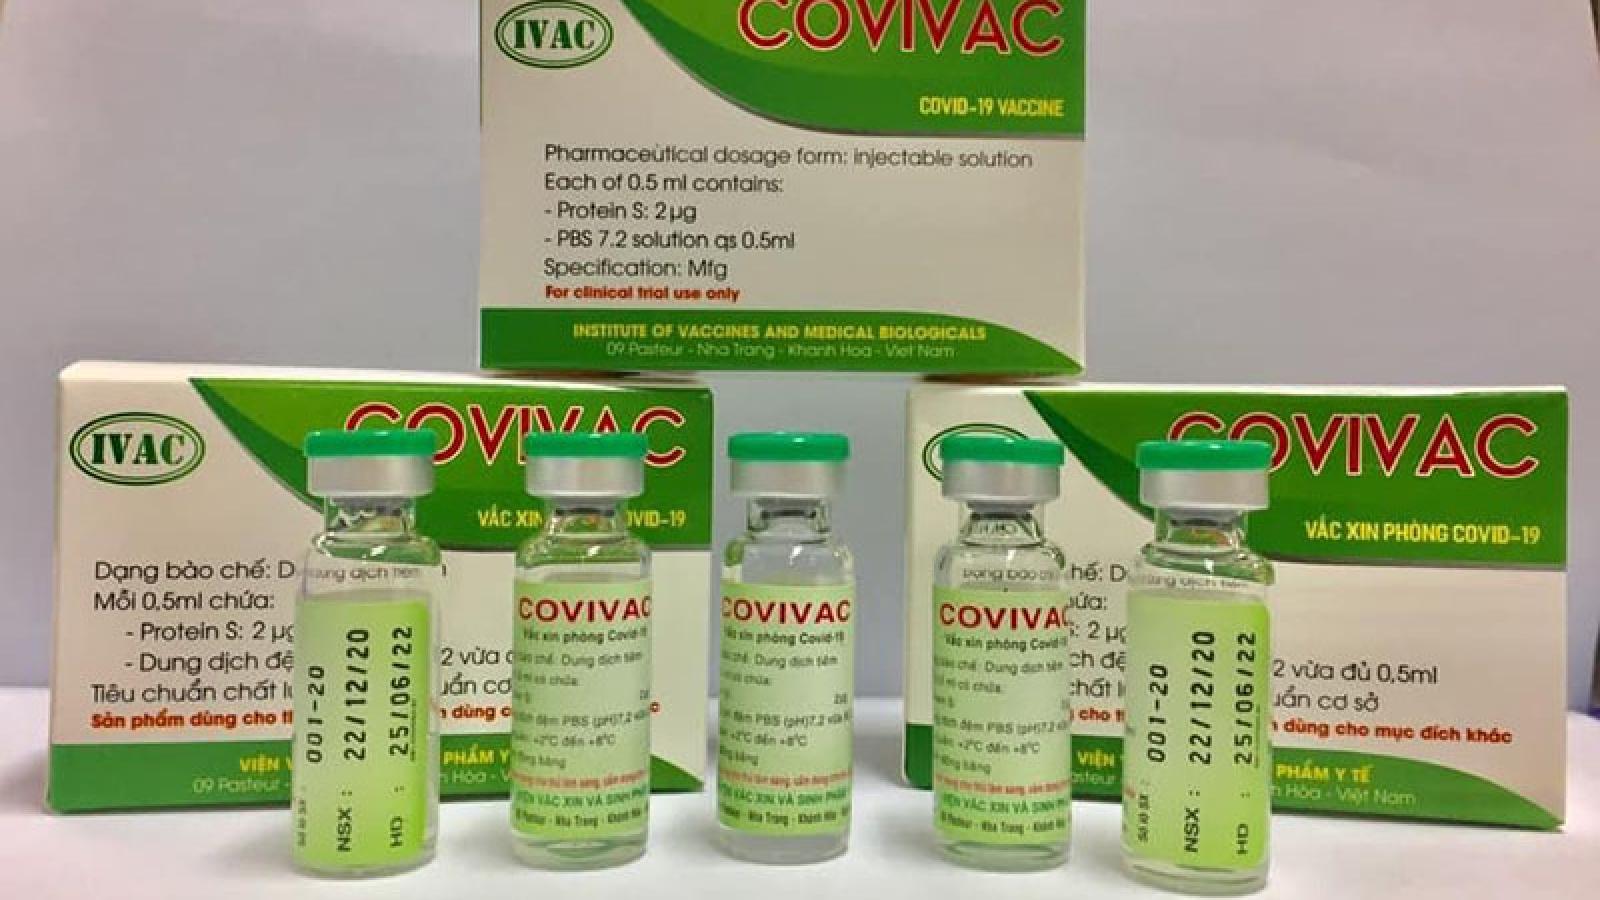 Tuyển tình nguyện viên từ 40-59 tuổi thử nghiệm vaccine COVIVAC